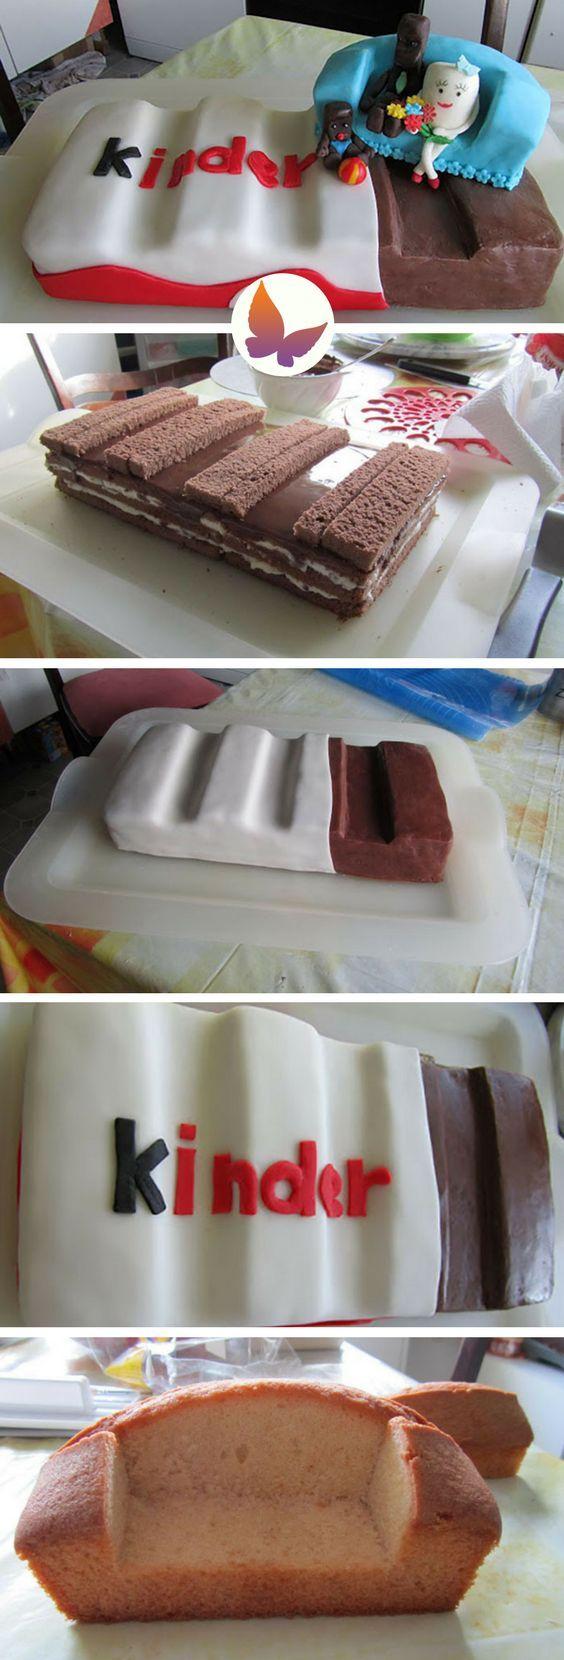 Riesen Kinder-Riegel Torte